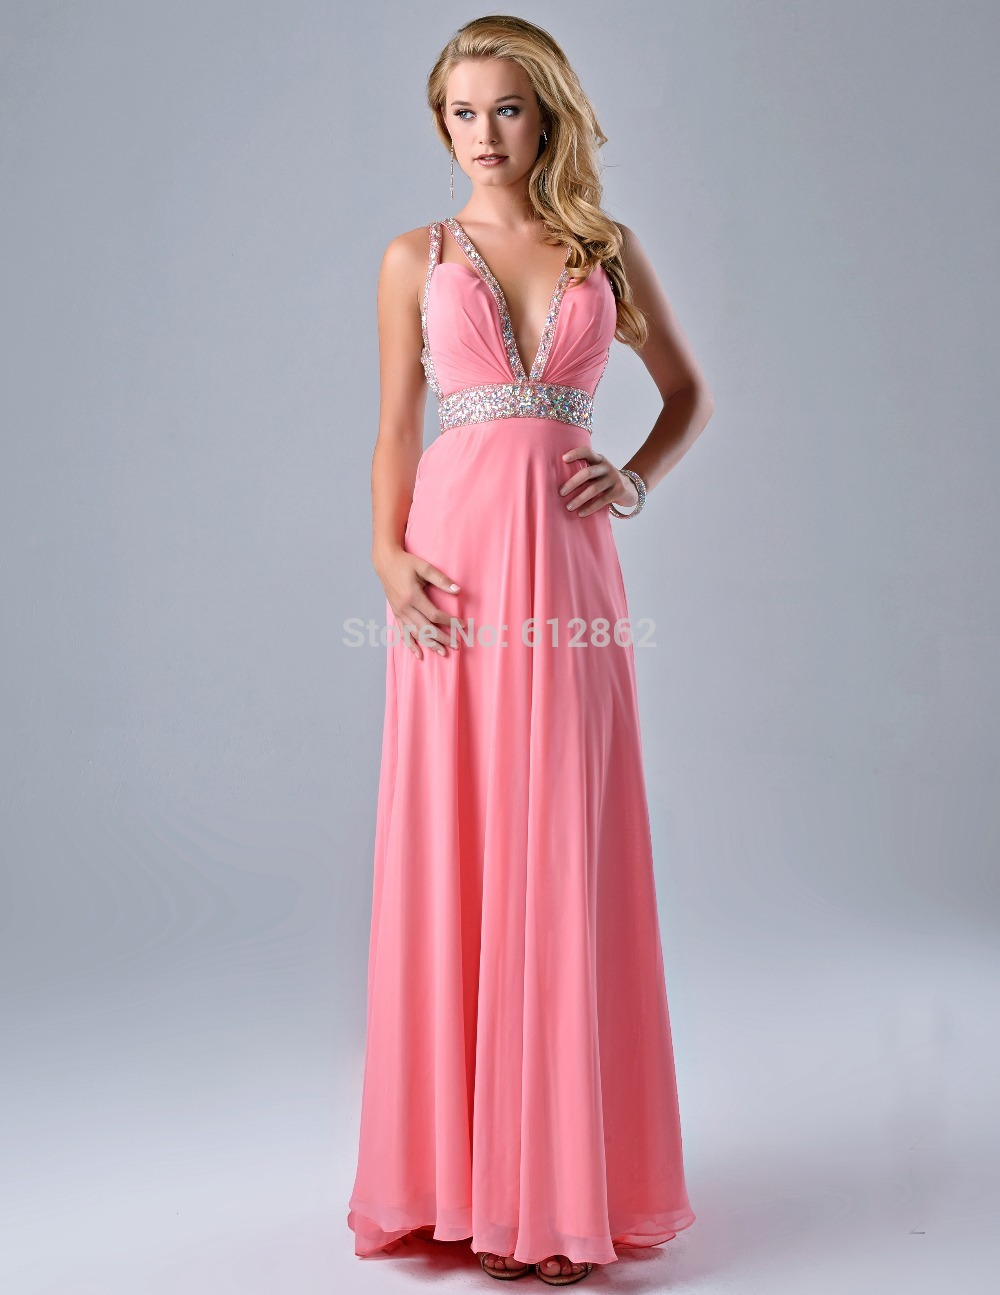 Increíble Katie Price Vestido De Novia De Color Rosa Inspiración ...